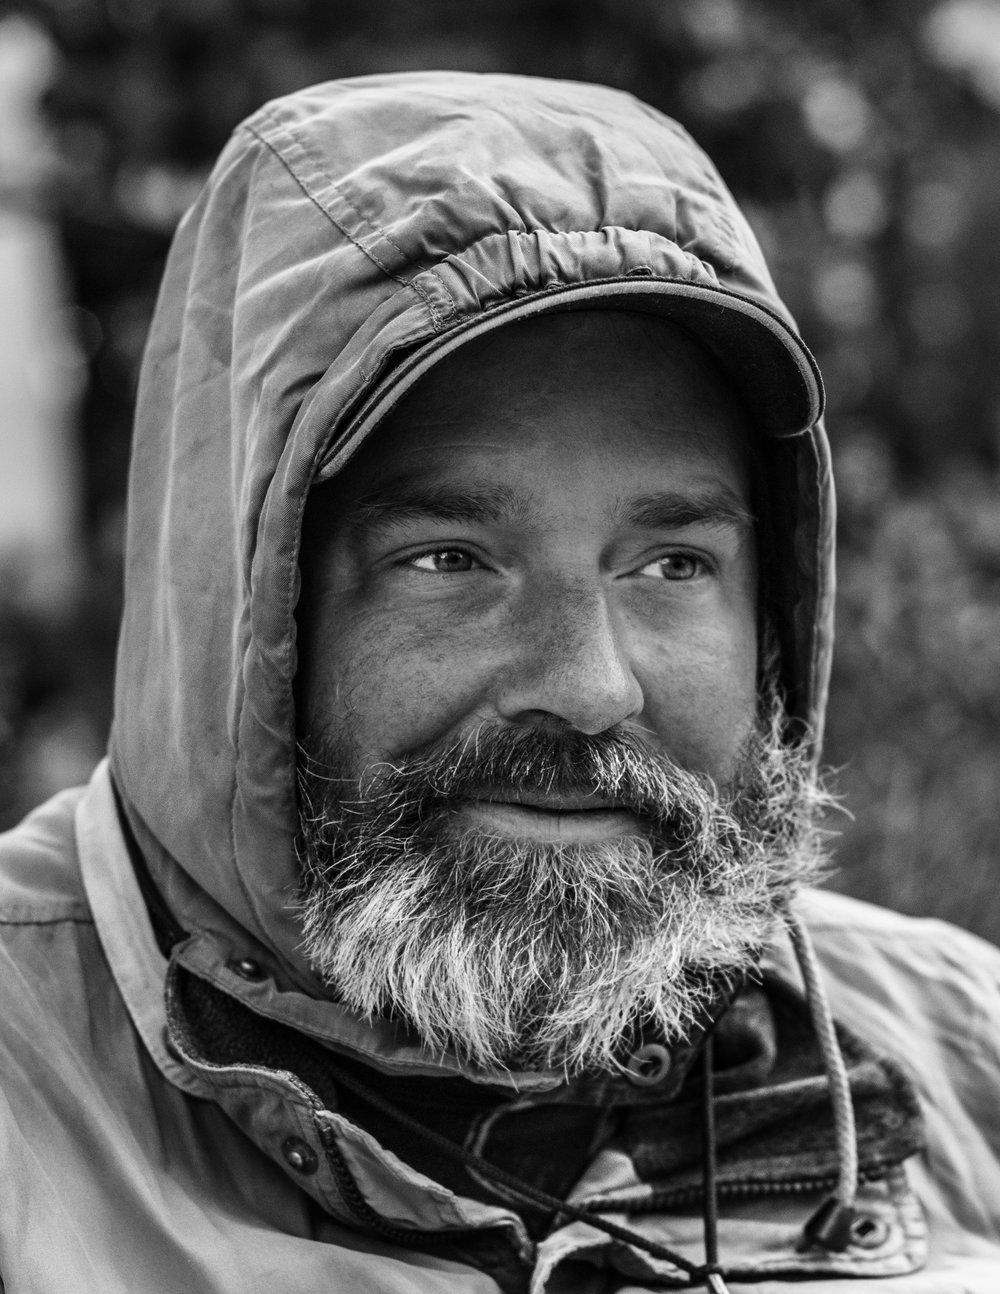 MSC_October 22, 2016_homeless_4.jpg